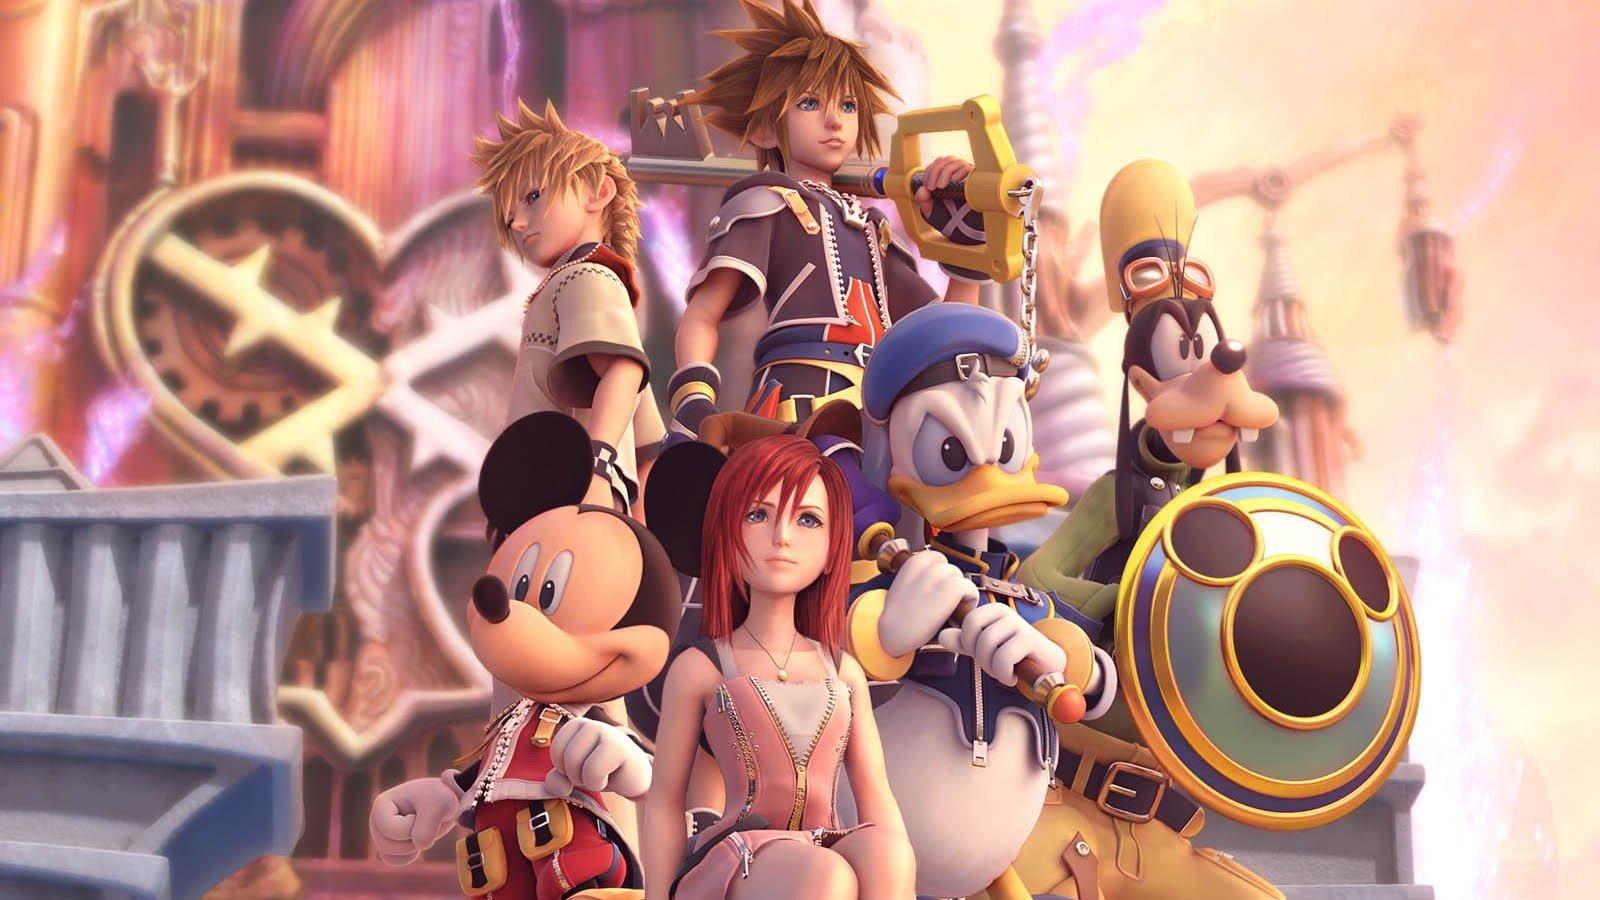 Kingdom Hearts y cómo explicarle su argumento a la gente